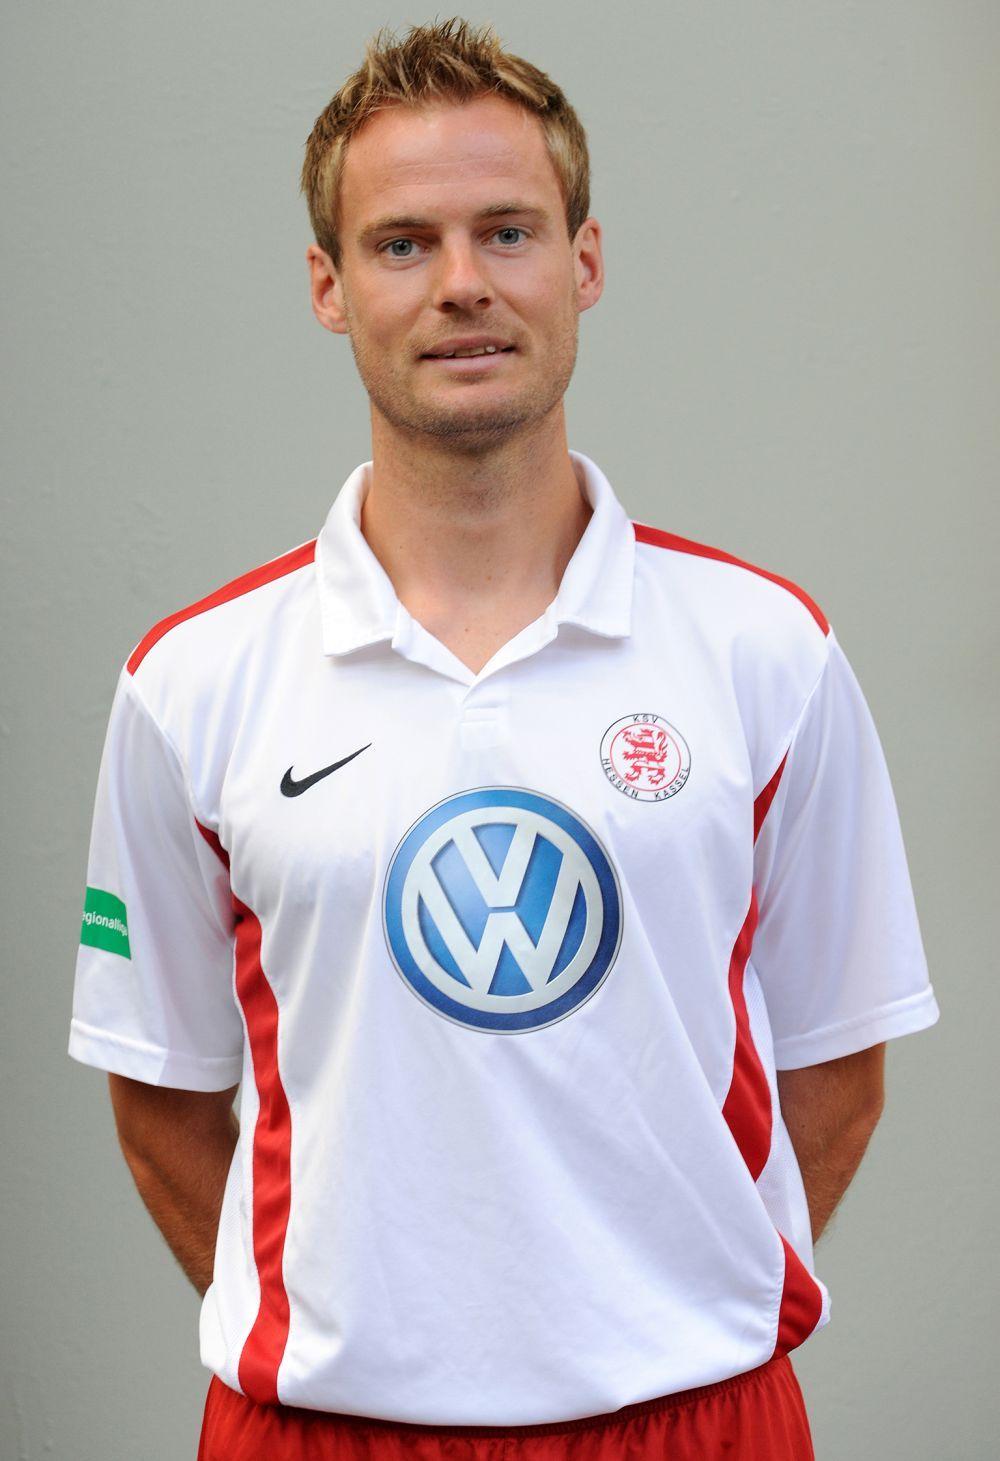 Enrico Gaede